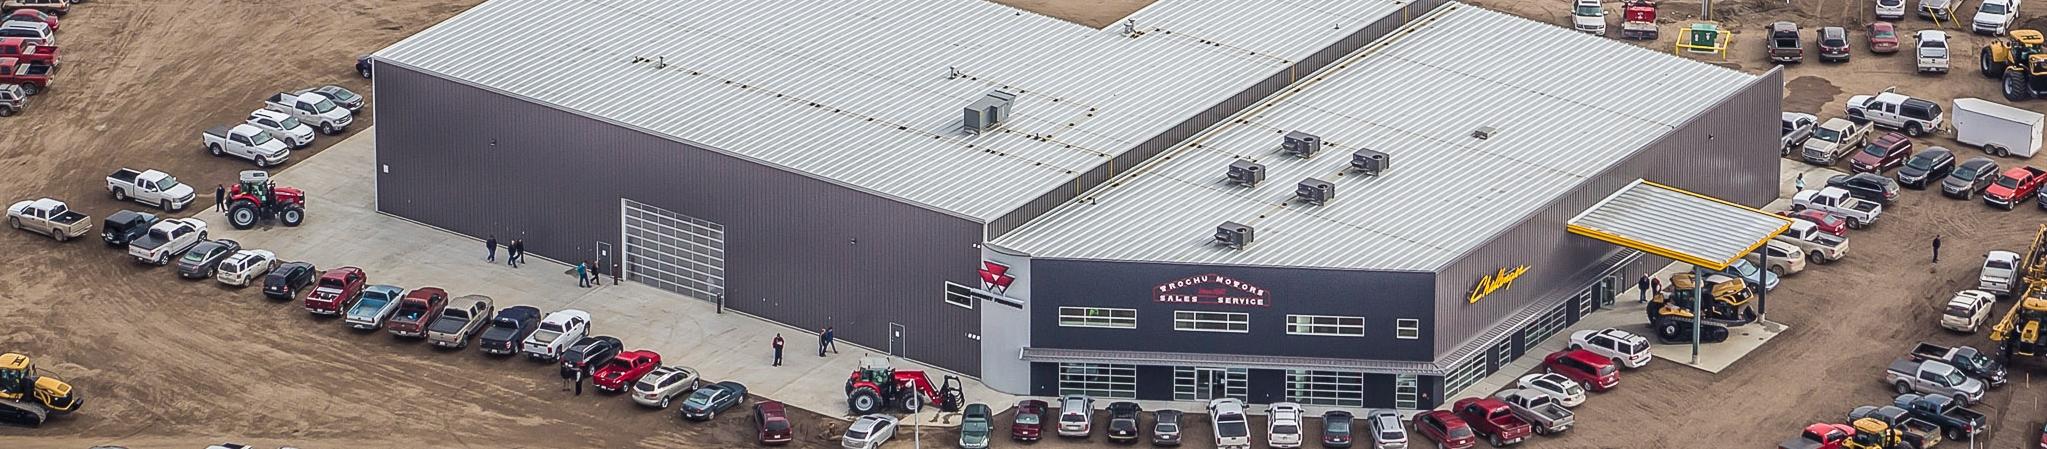 Trochu Motors Building - Wide